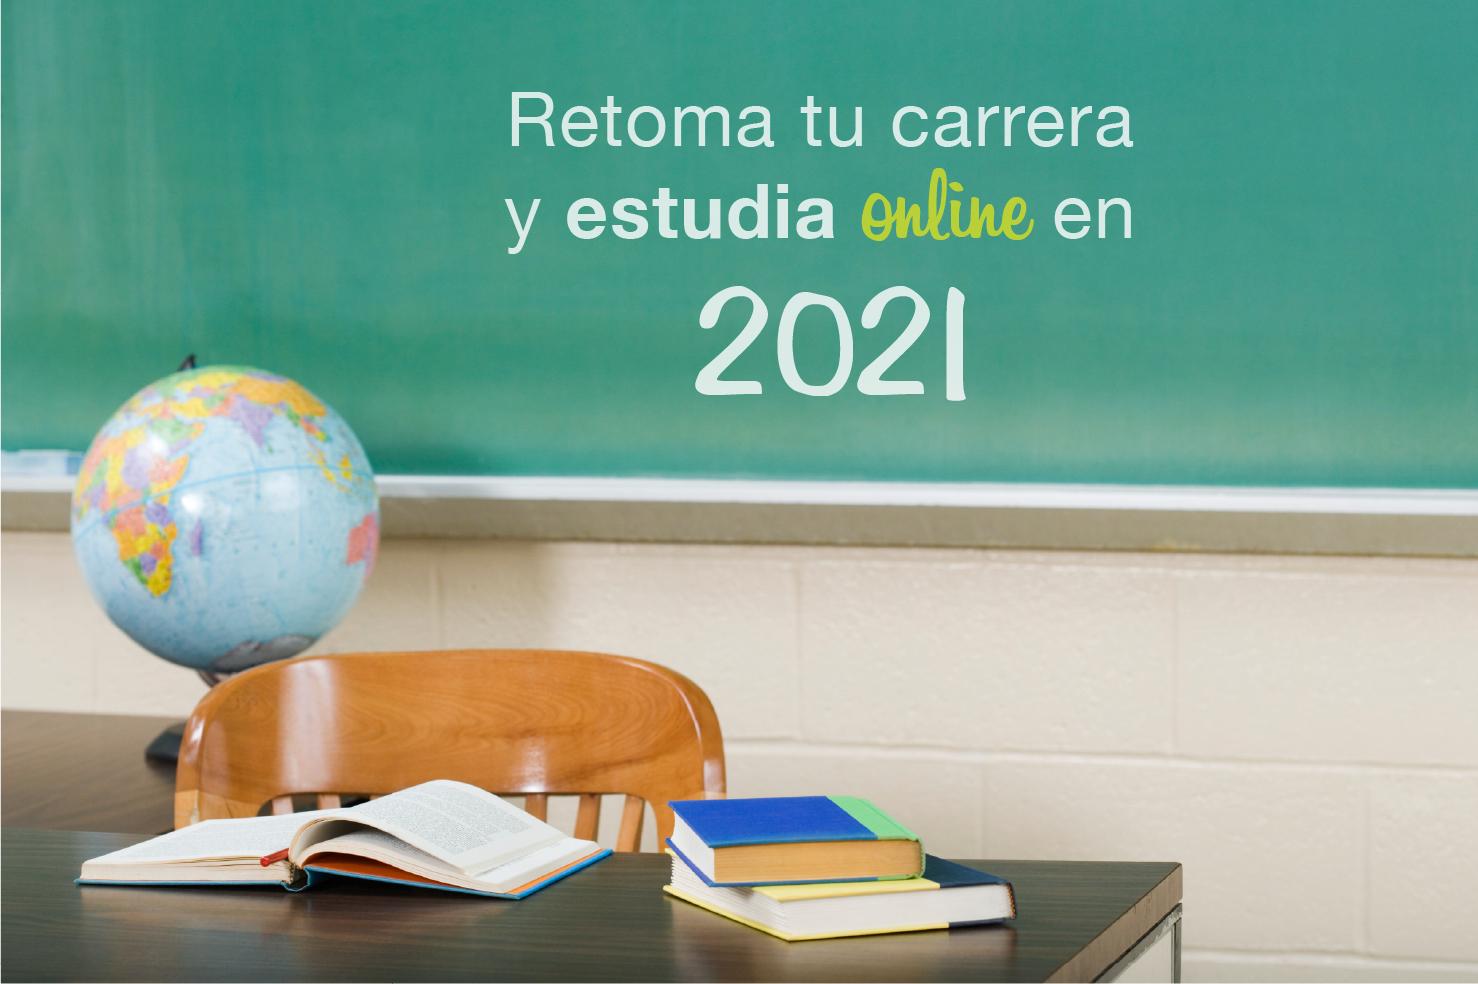 2021: el año para retomar tu carrera y estudiar online